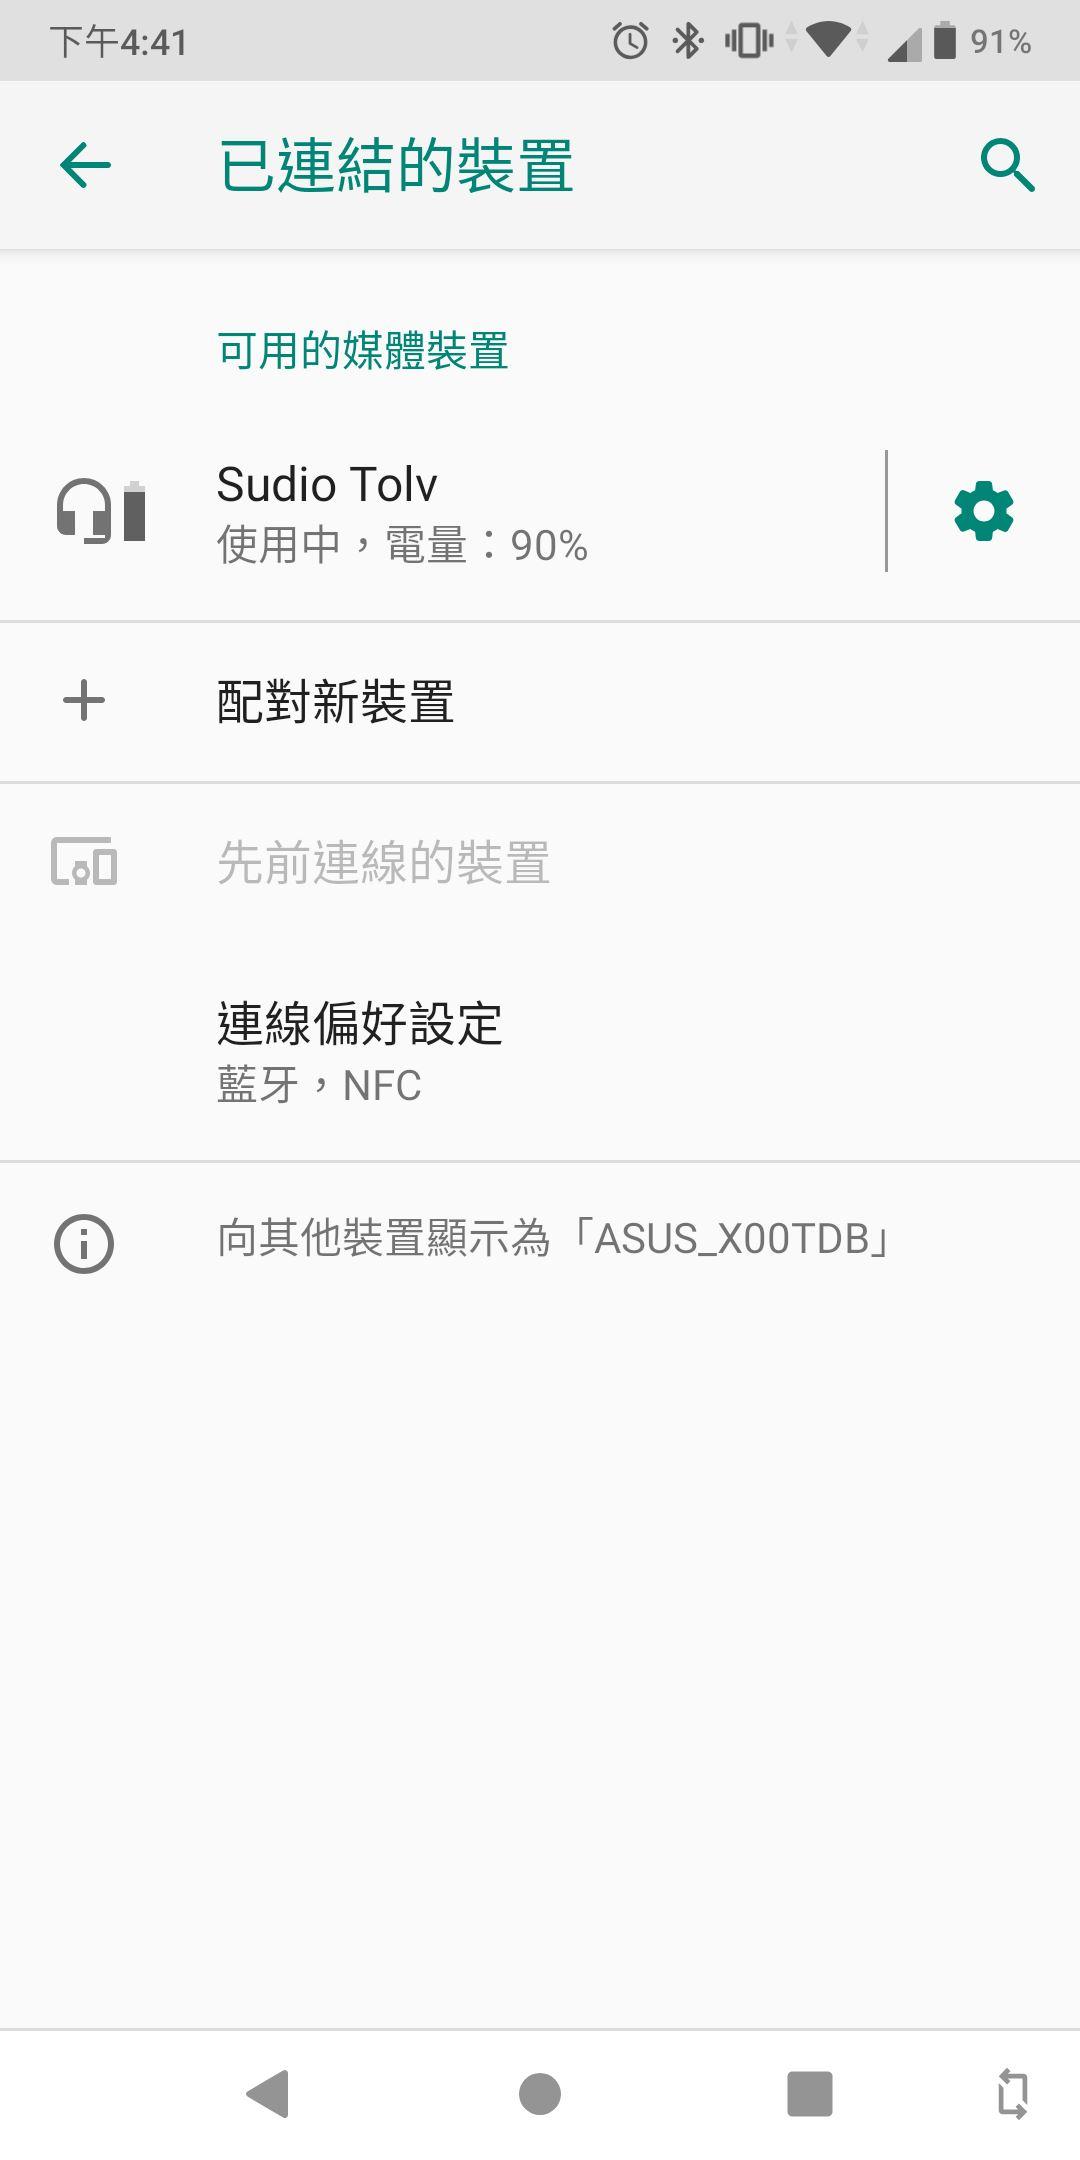 Screenshot_20190824-164147.jpg